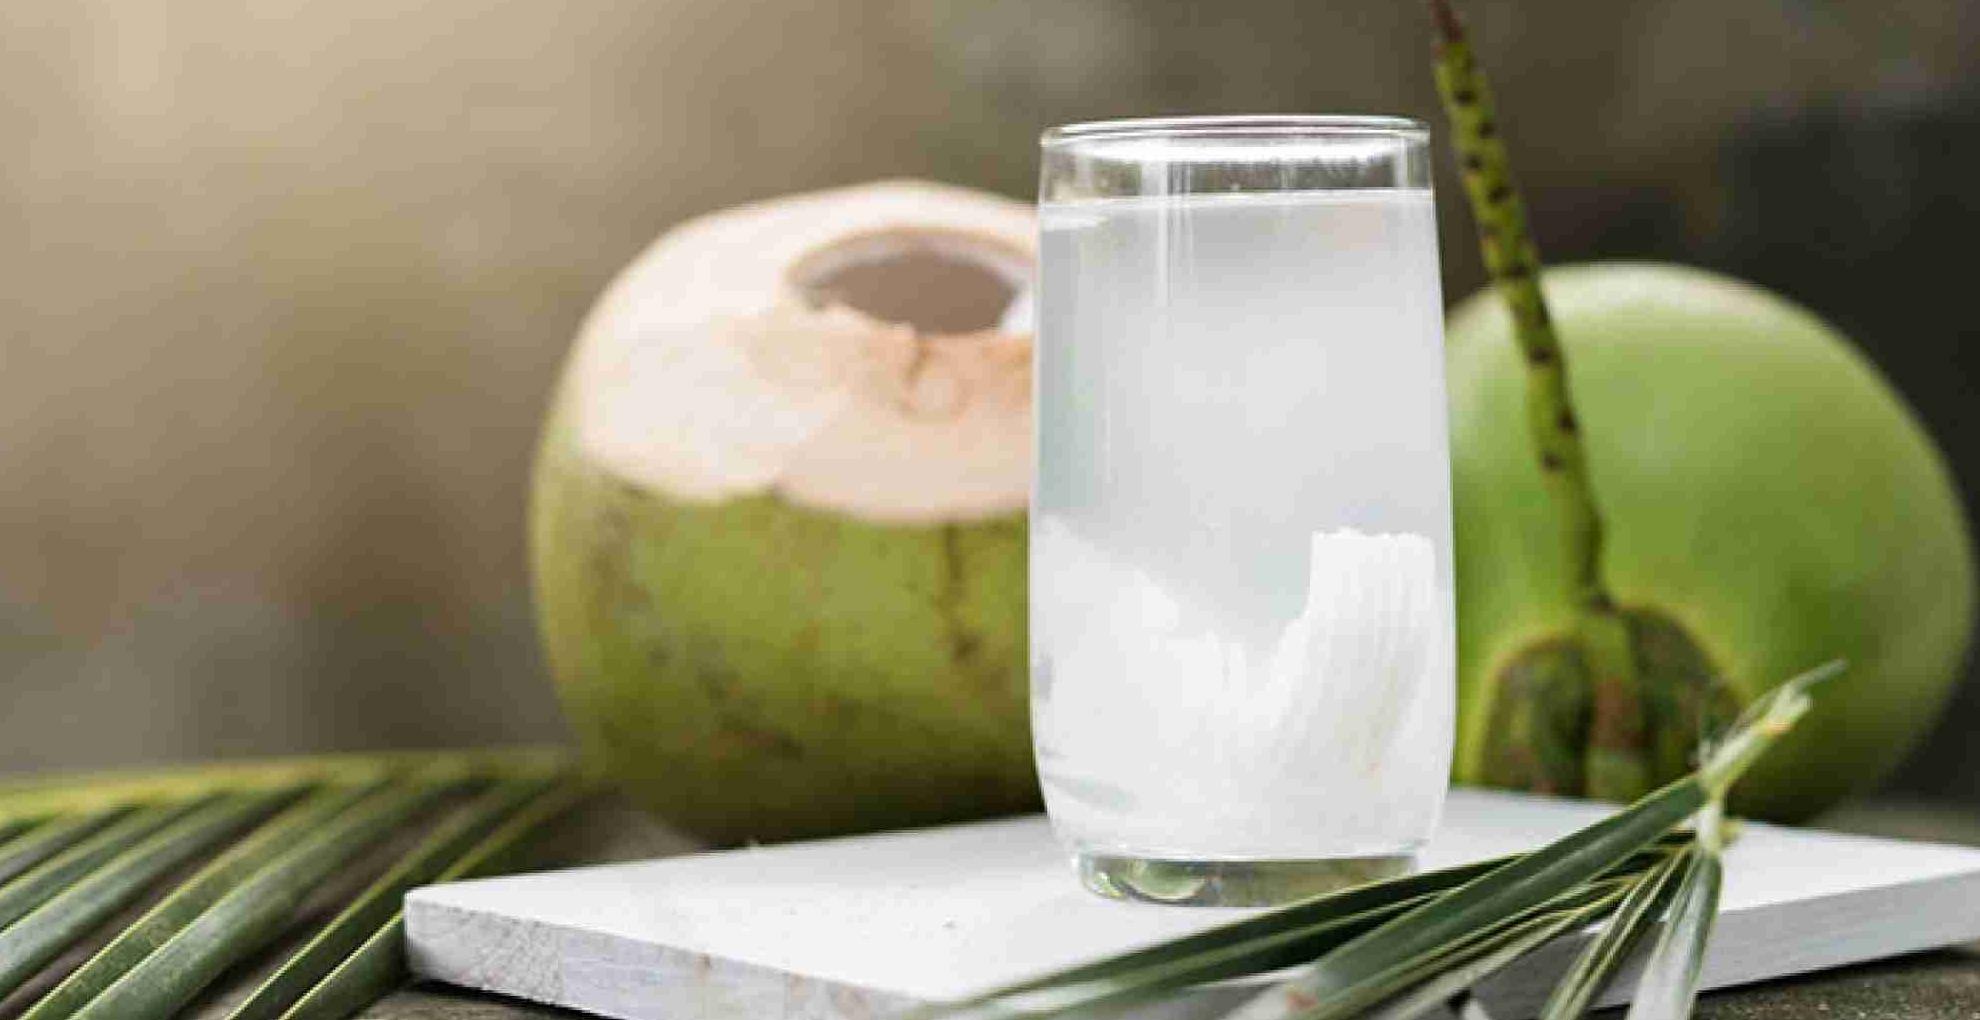 Health Tips: डायबिटीज और हाई ब्लड प्रेशर कंट्रोल करता है नारियल पानी, जानिए इसके अनसुने फायदे